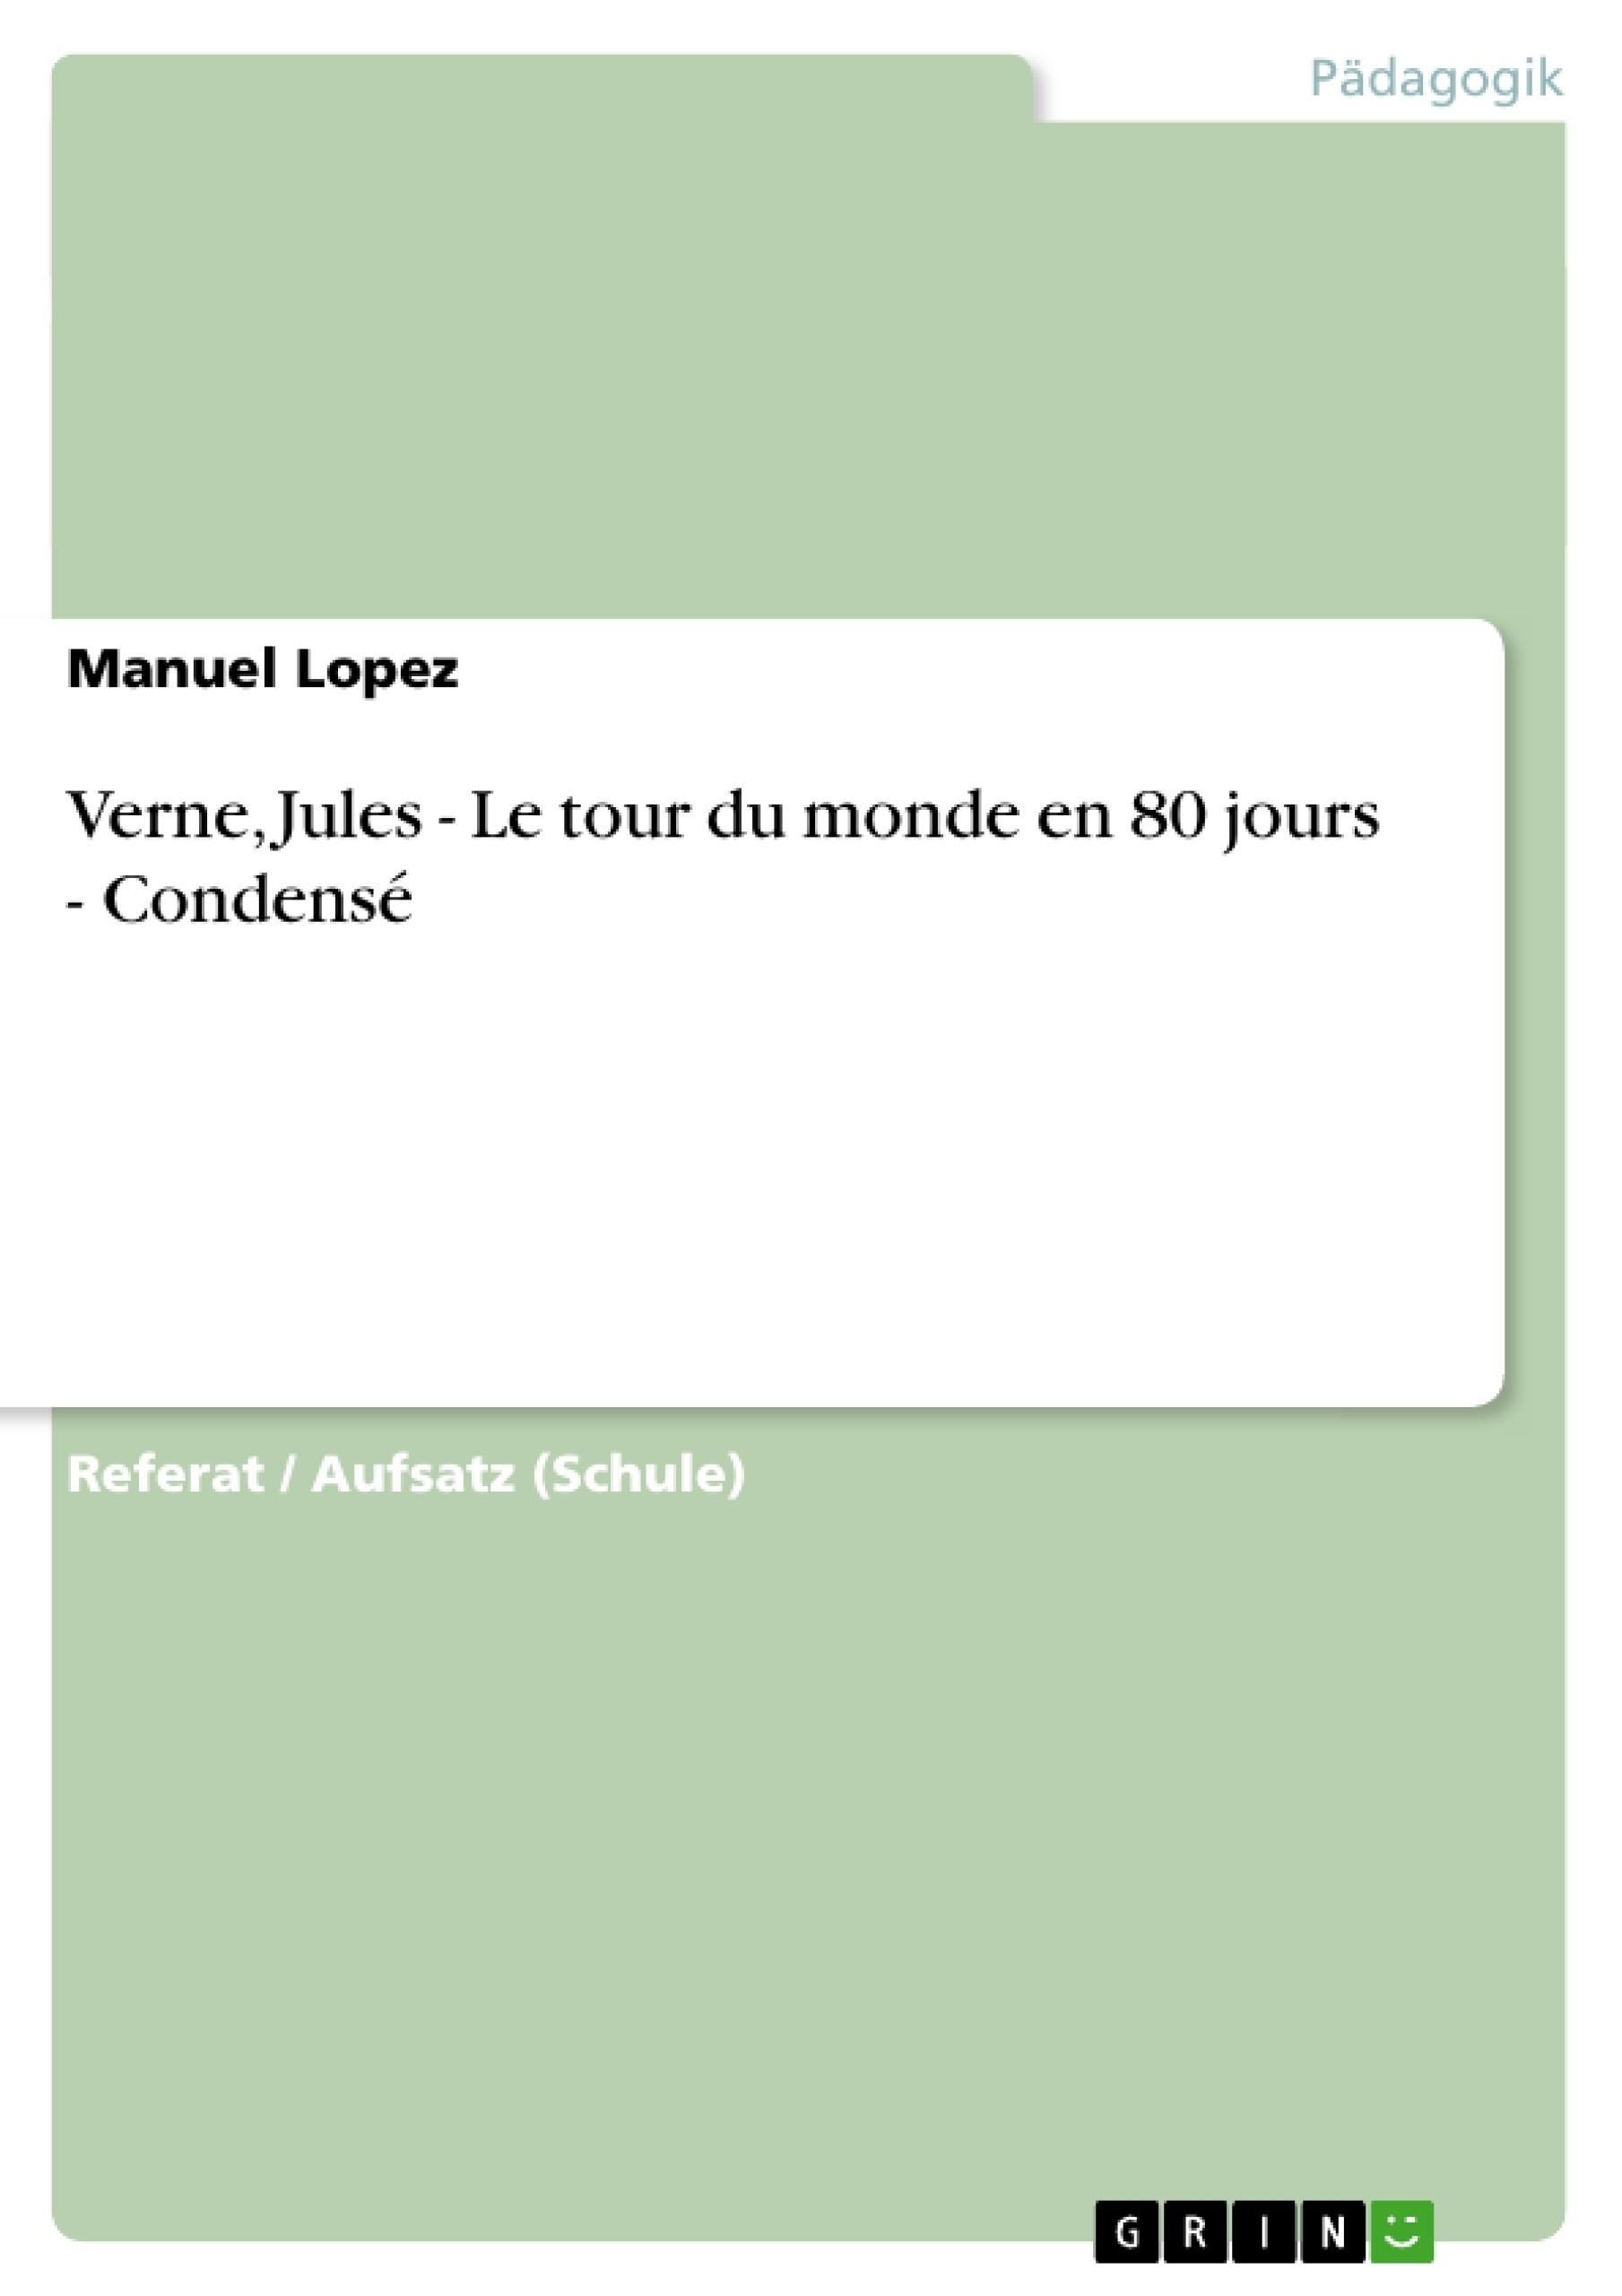 Titel: Verne, Jules - Le tour du monde en 80 jours - Condensé